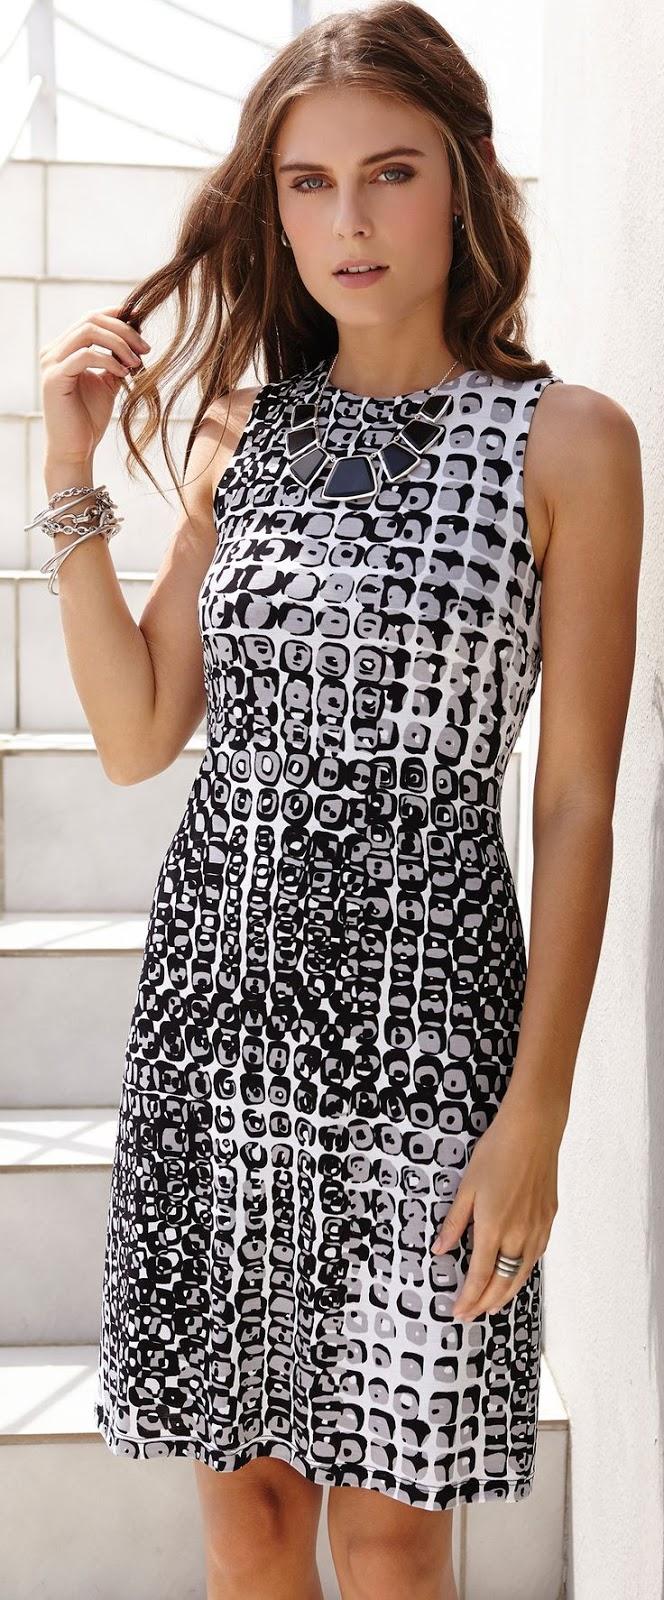 Women 39 S Fashion Chic Patterned Dress